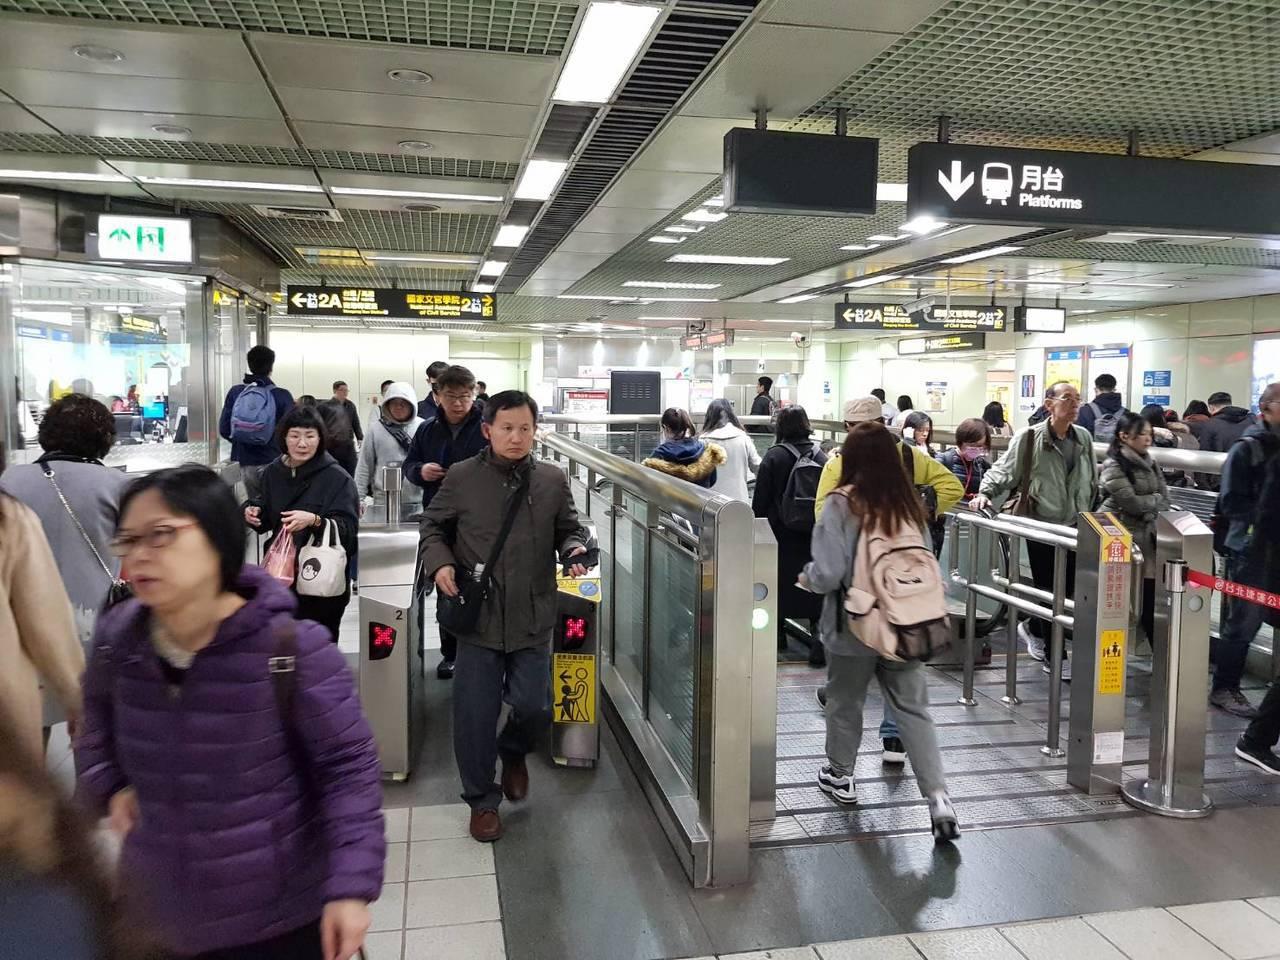 受台鐵號誌故障影響,北捷南港站等今早人潮也增加。記者翁浩然/攝影